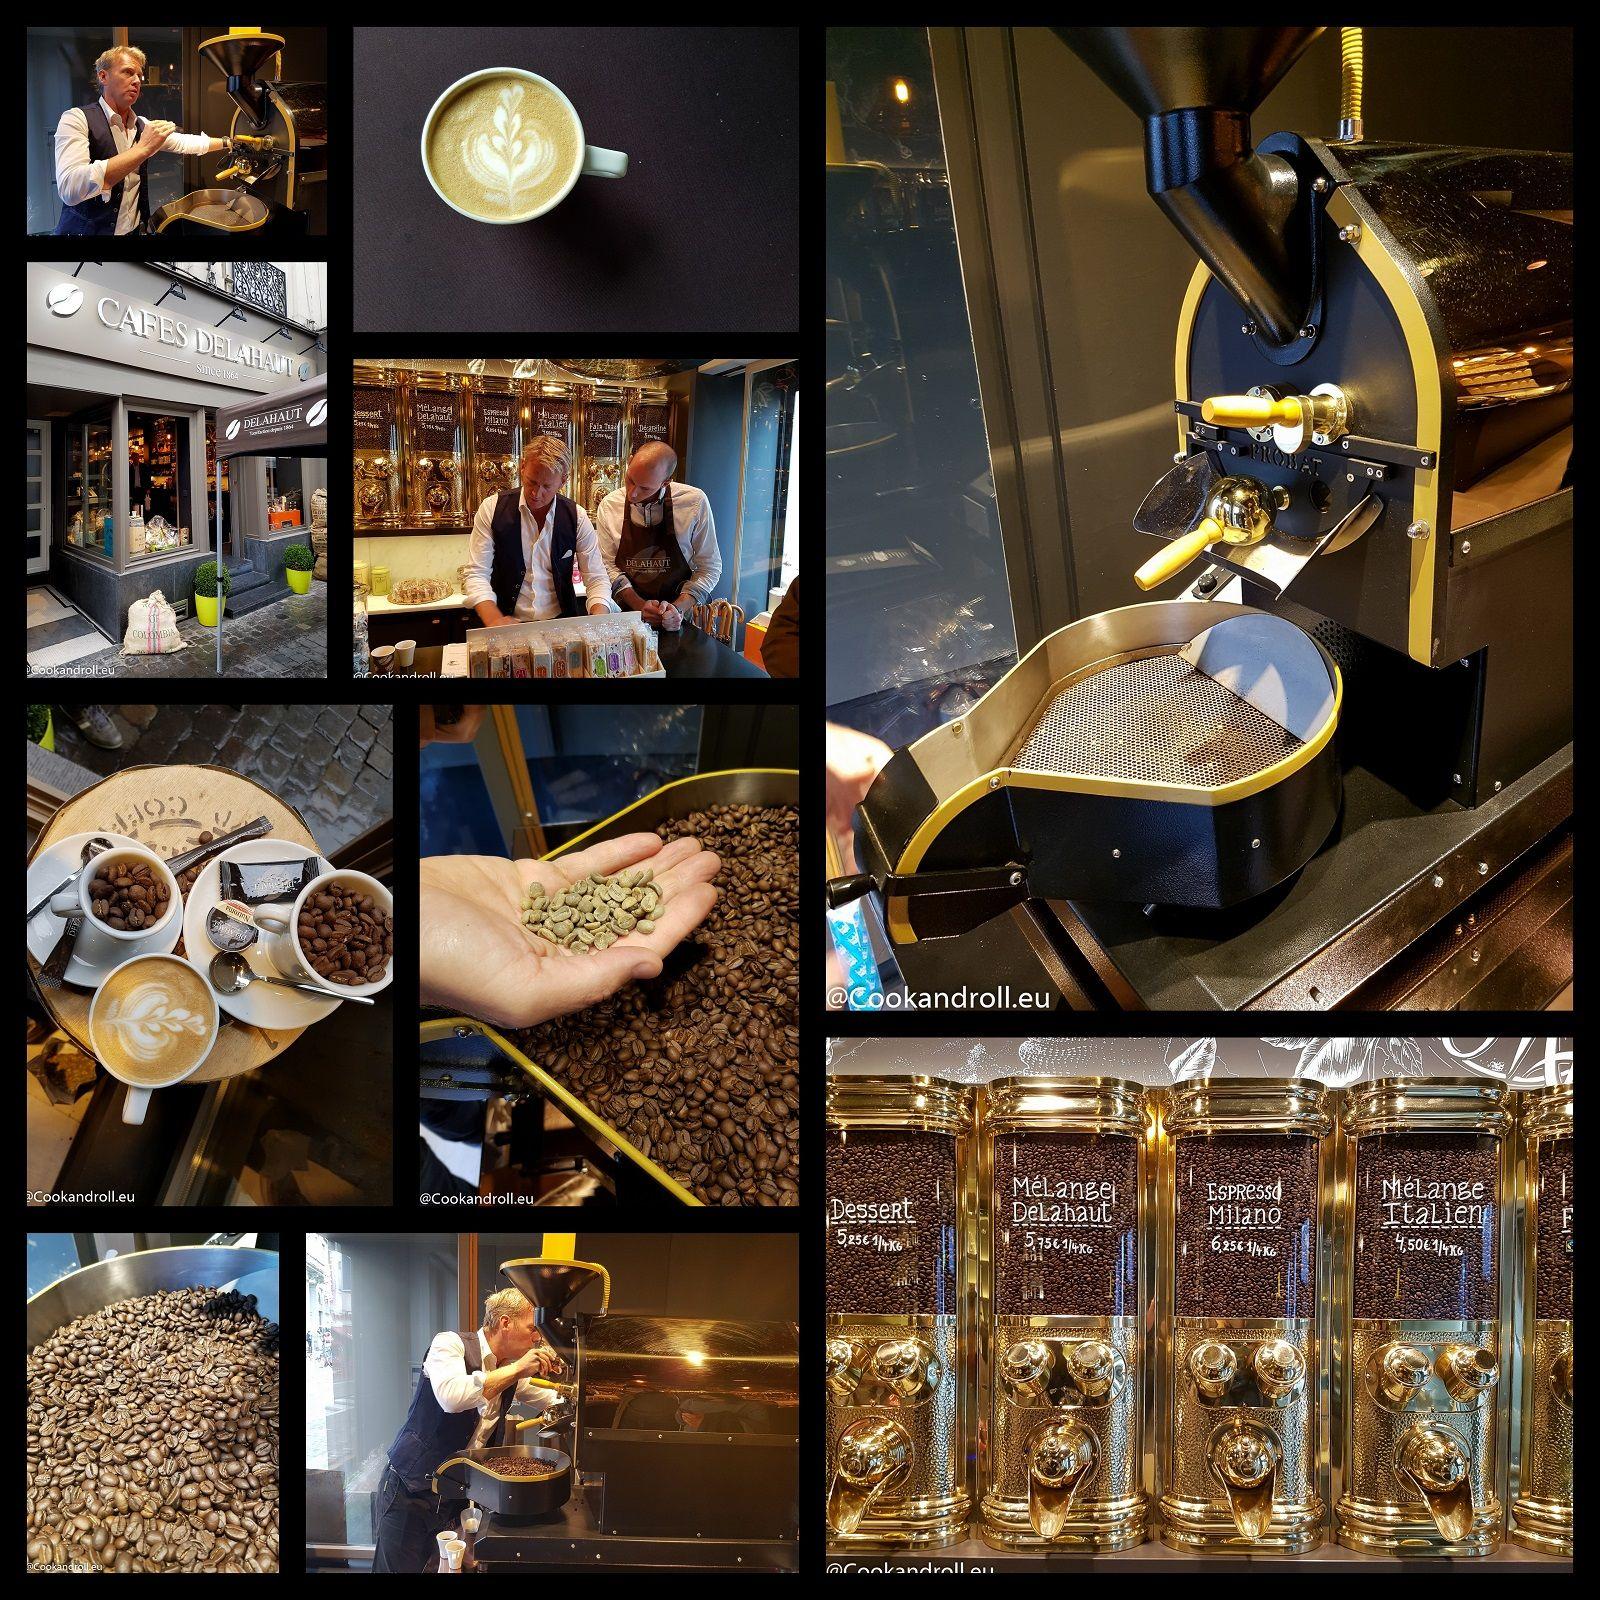 Je vous emmène à la découverte des Cafés Delahaut, torréfacteur à Namur et Bruxelles, et leur étonnante torréfaction 'sur mesure' pour particuliers!  Je vous raconte tout sur Cookandroll.eu : http://www.cookandroll.eu/archives/2016/10/16/34445566.html